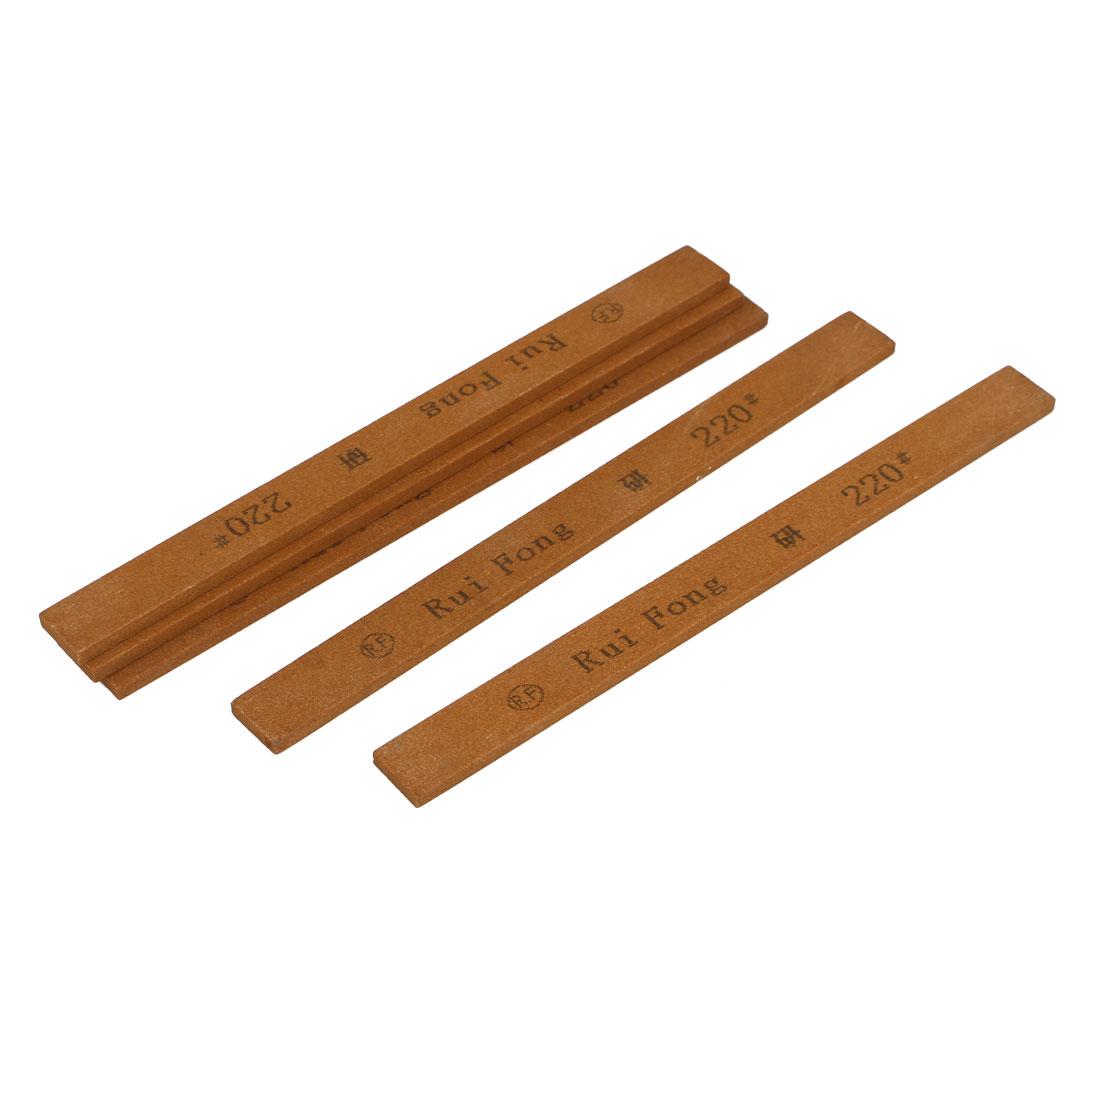 Rectangle Abrasives Polishing Oil Stone Stick Tool Brown 220 Grit 5pcs